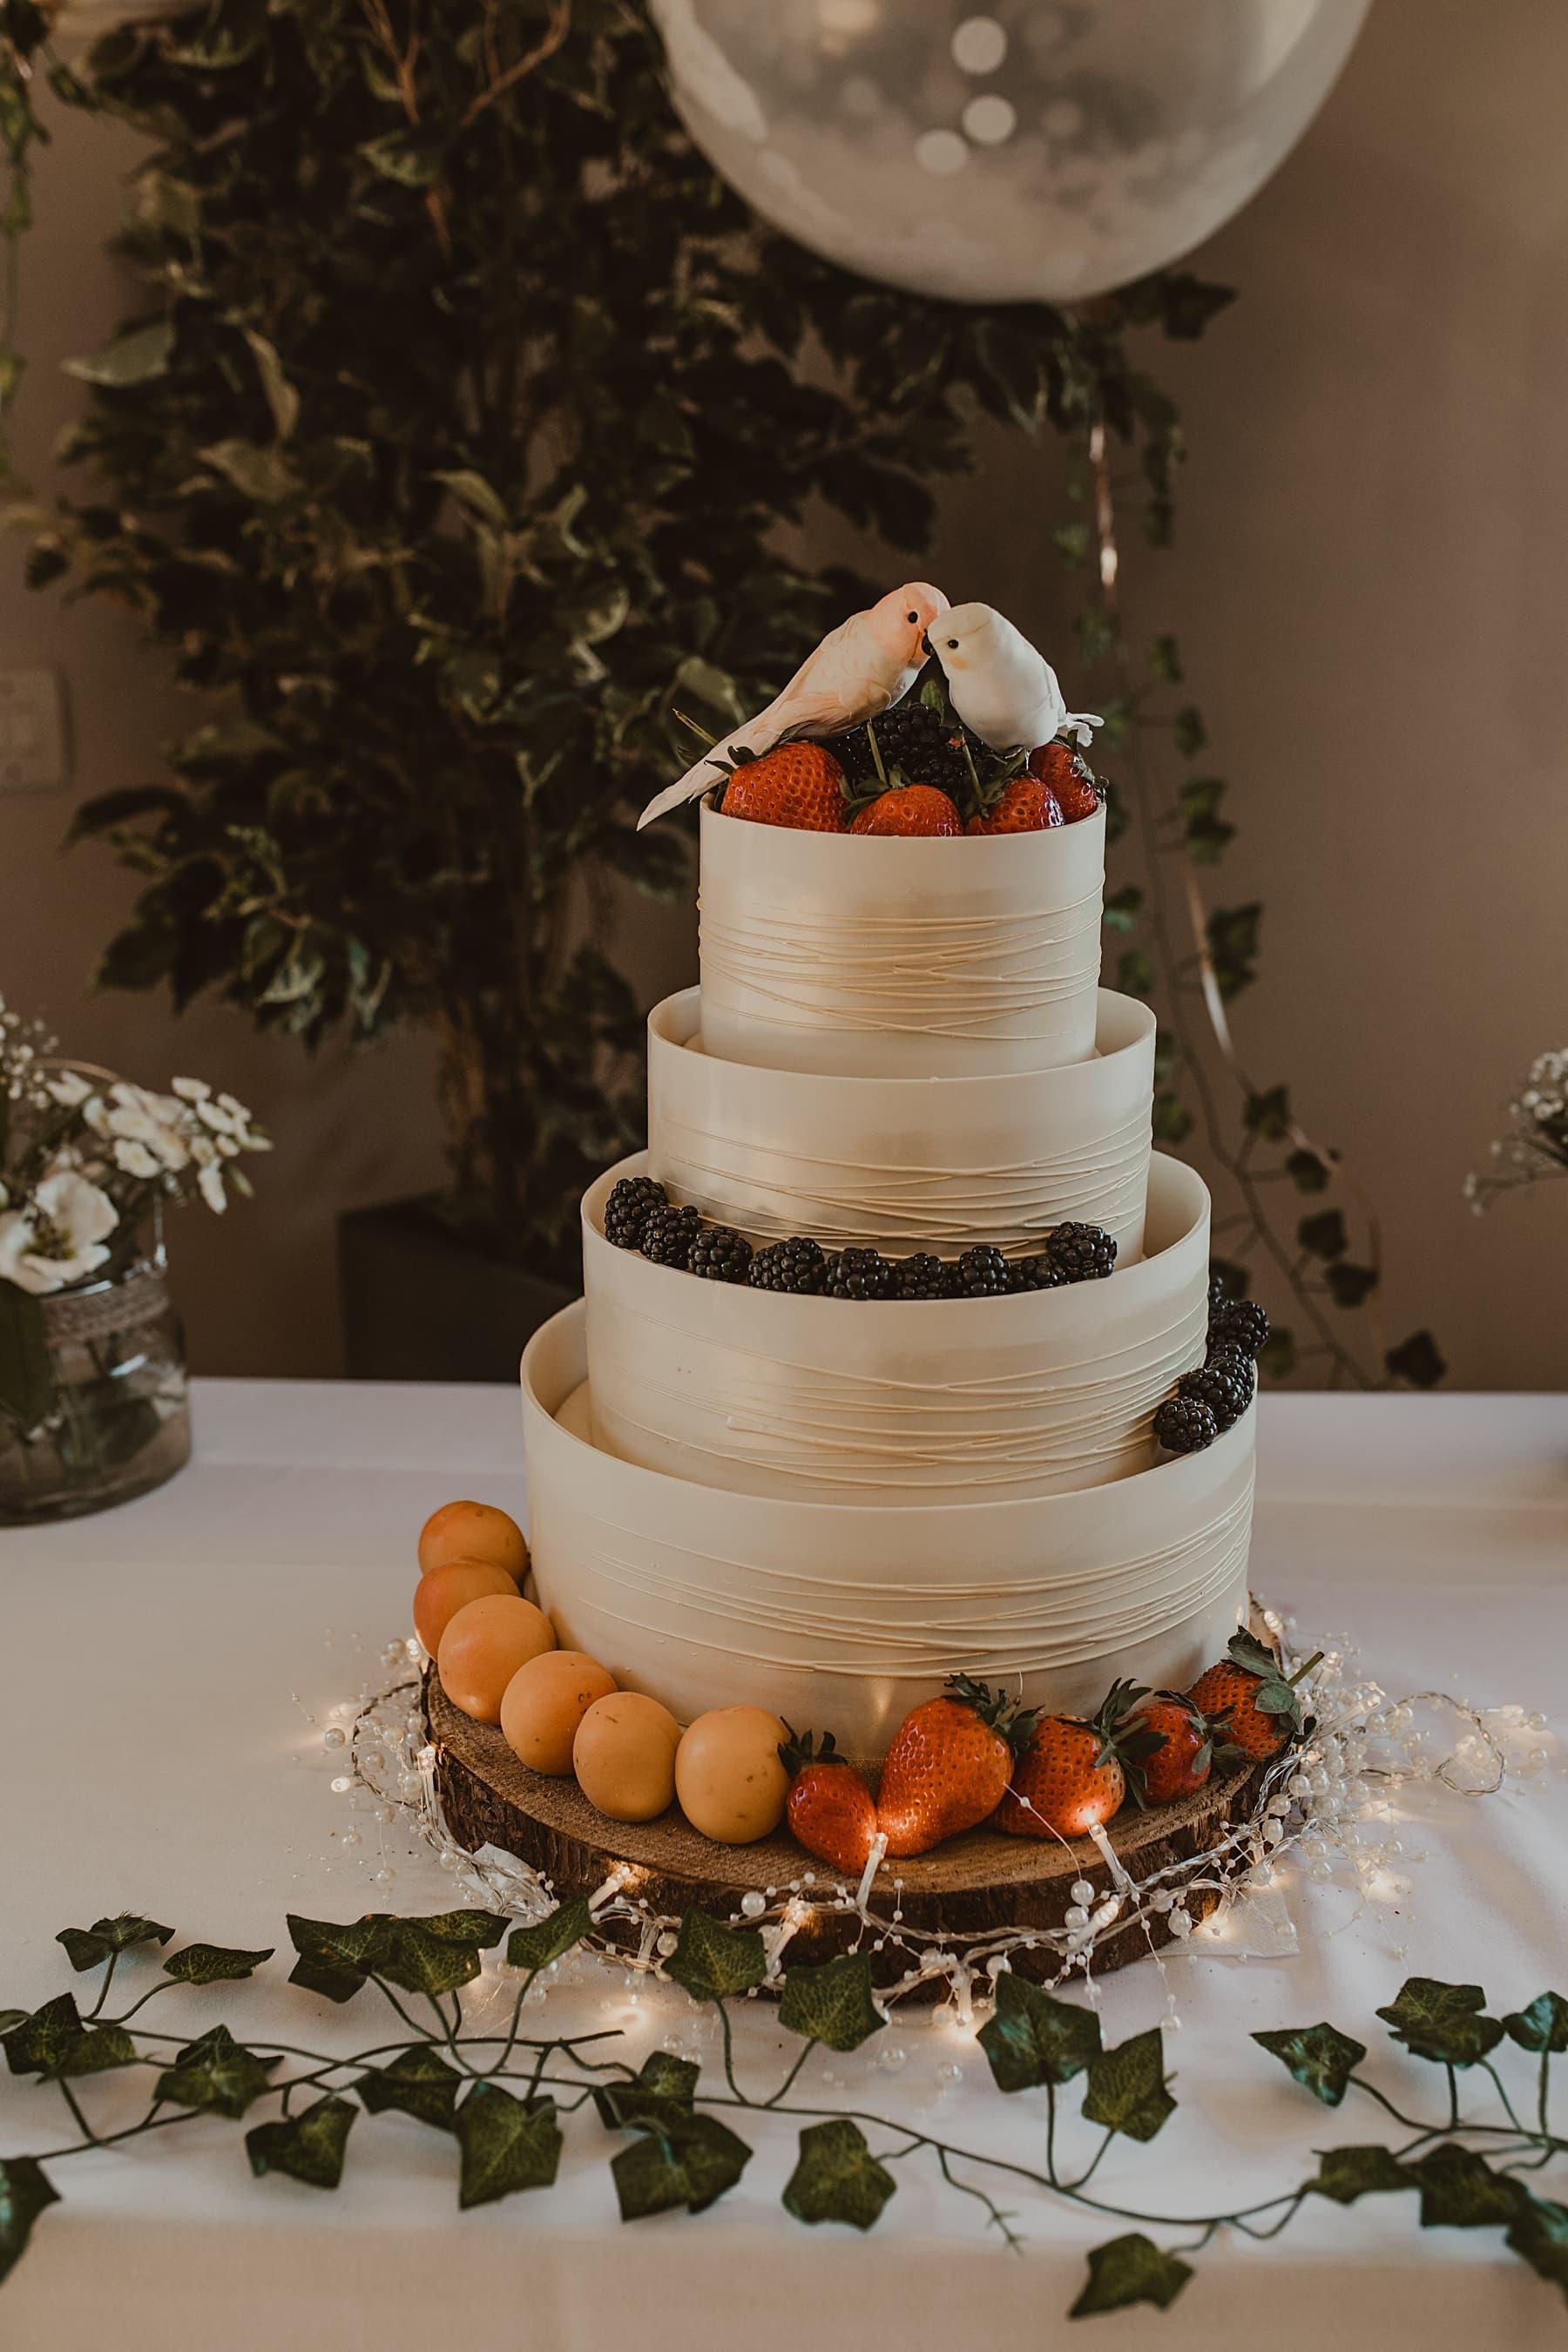 M&S white chocolate wedding cake